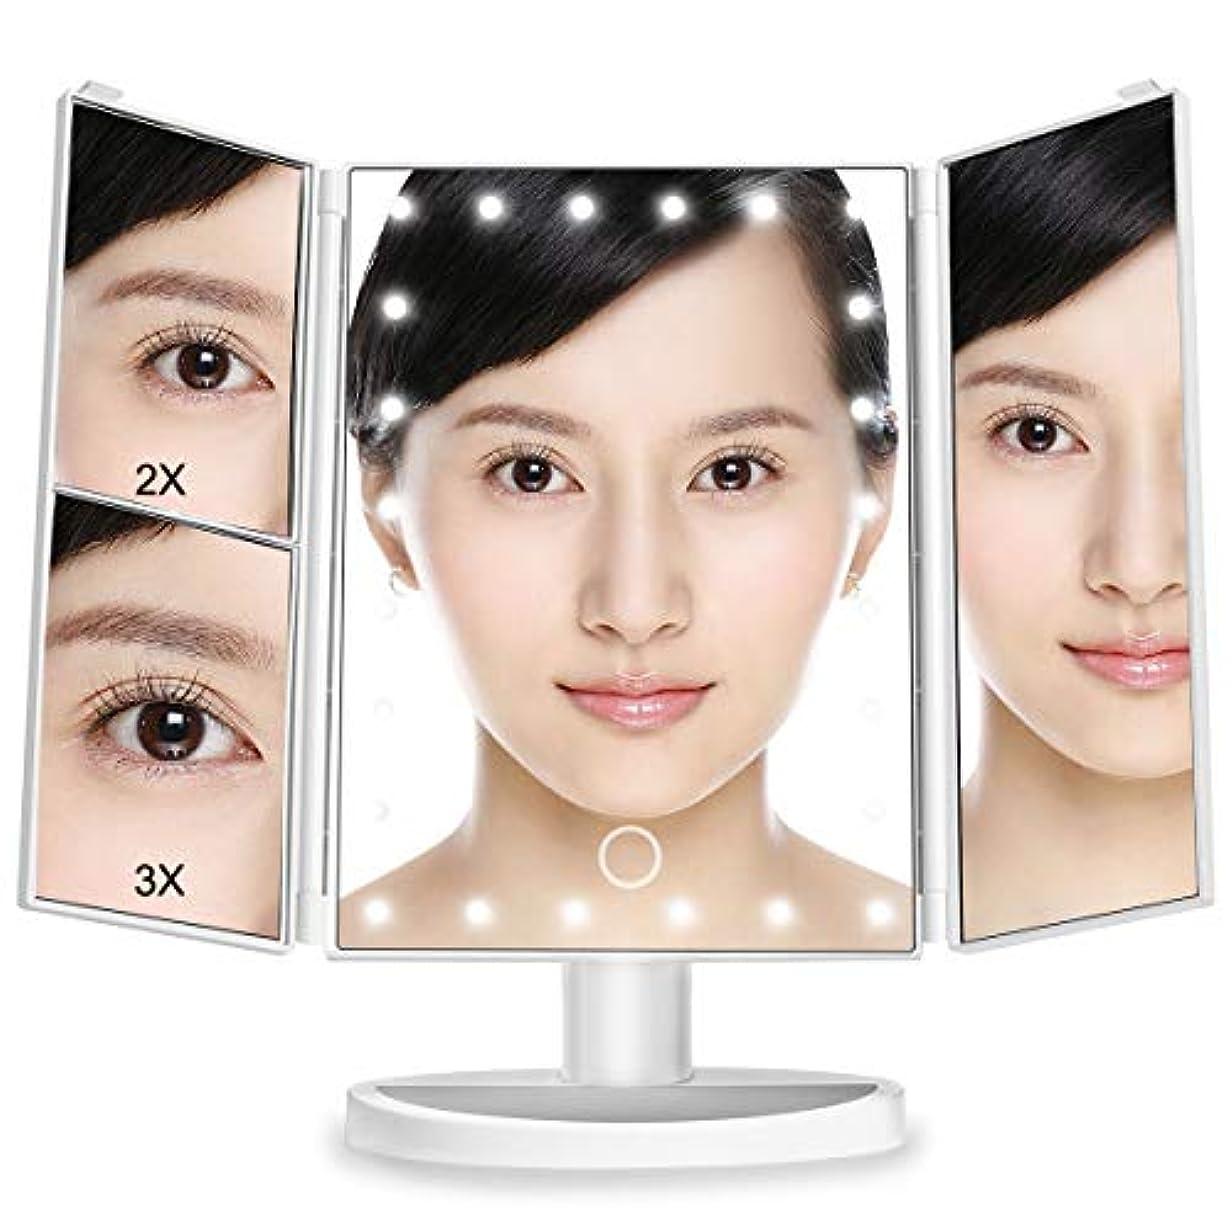 試み落花生ファンネルウェブスパイダー女優ミラー 三面鏡 鏡 led 卓上鏡 化粧鏡 化粧ミラー 鏡 折りたたみ式 ledライト付き 明るさ調整可能 2&3倍拡大鏡付 180 °回転 電池&USB 2WAY給電